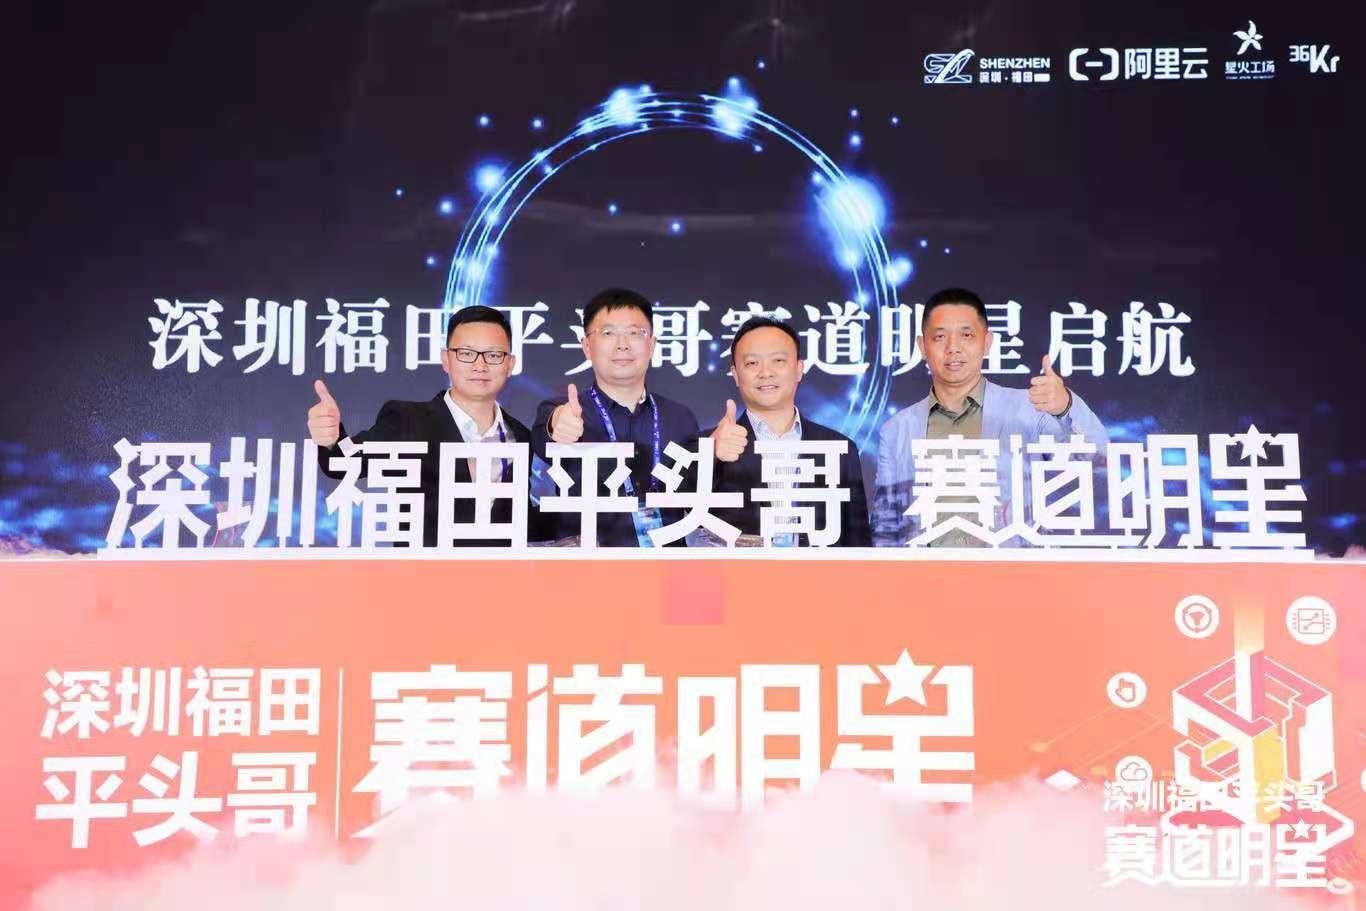 深圳福田赛道明星正式启航 ,为科技产业创新发展注入新动能